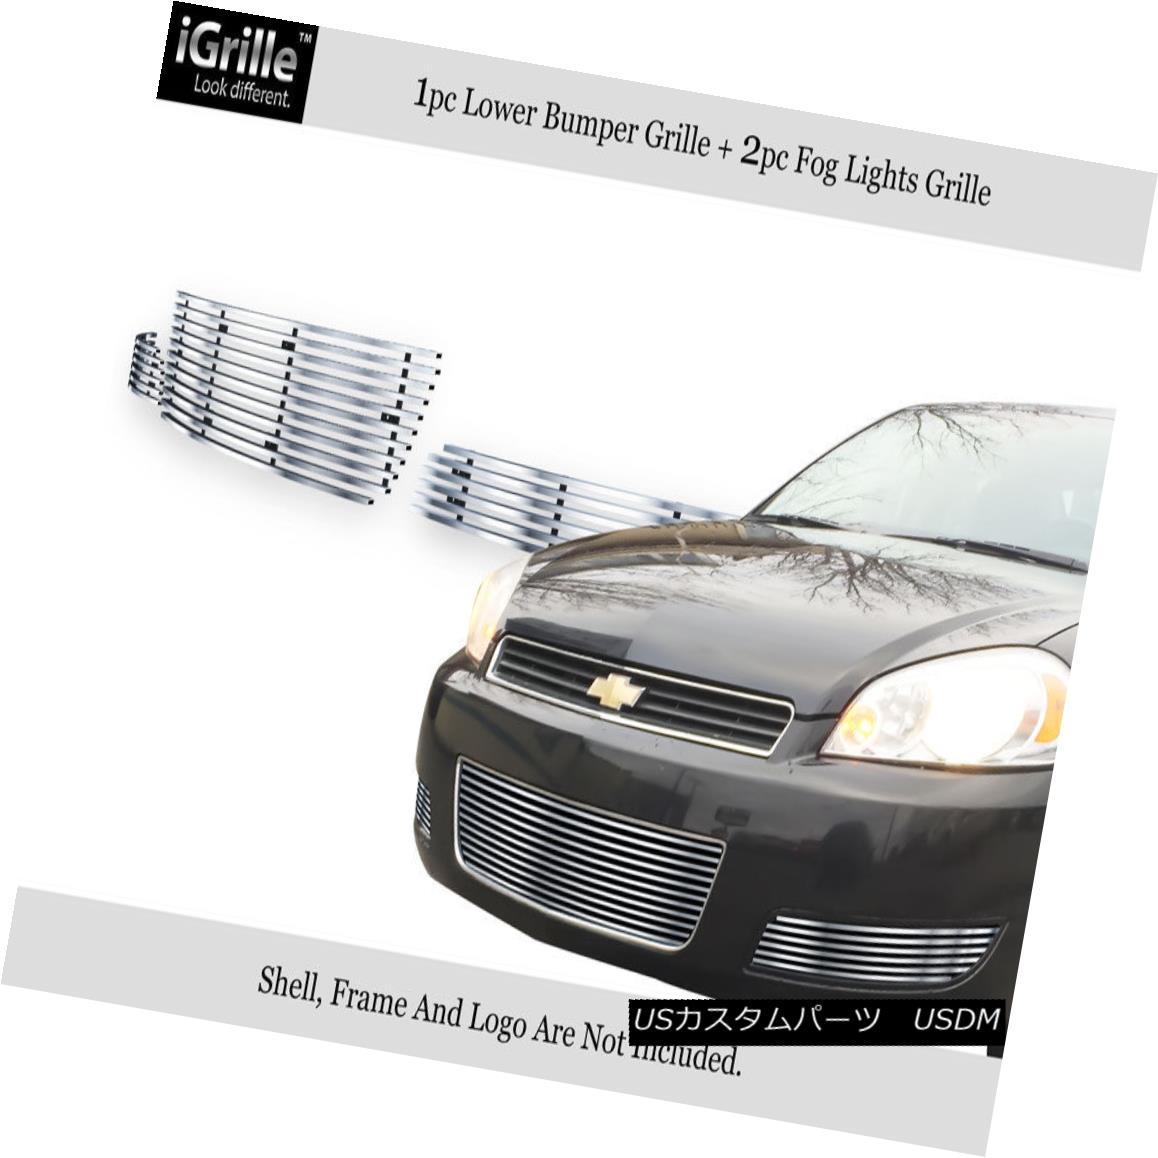 グリル Fits 2006-2013 Chevy Impala LT/LS W/O Fog light Bumper Stainless Billet Grille フィット2006-2013シボレーインパラLT / LS W / Oフォグライトバンパーステンレスビレットグリル